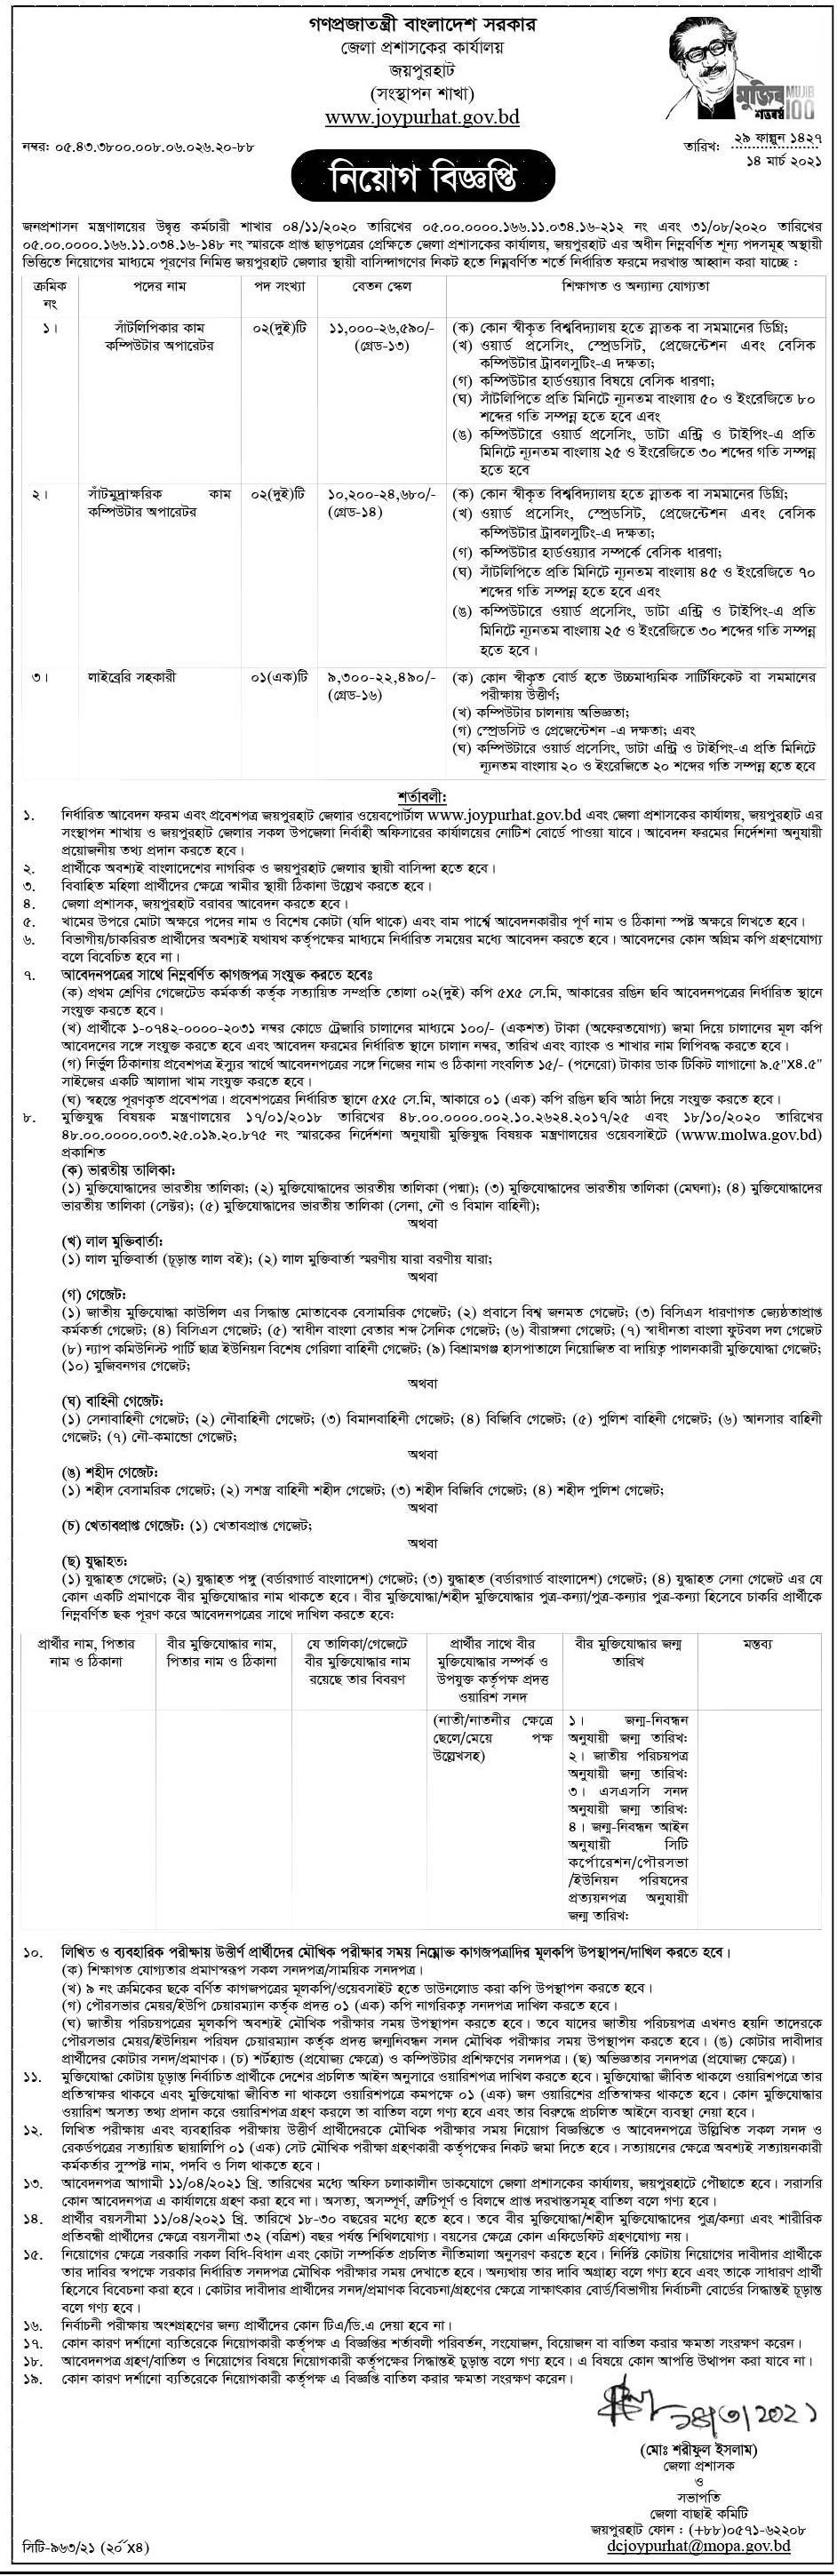 জয়পুরহাট জেলা প্রশাসকের কার্যালয়ে নিয়োগ বিজ্ঞপ্তি ২০২১